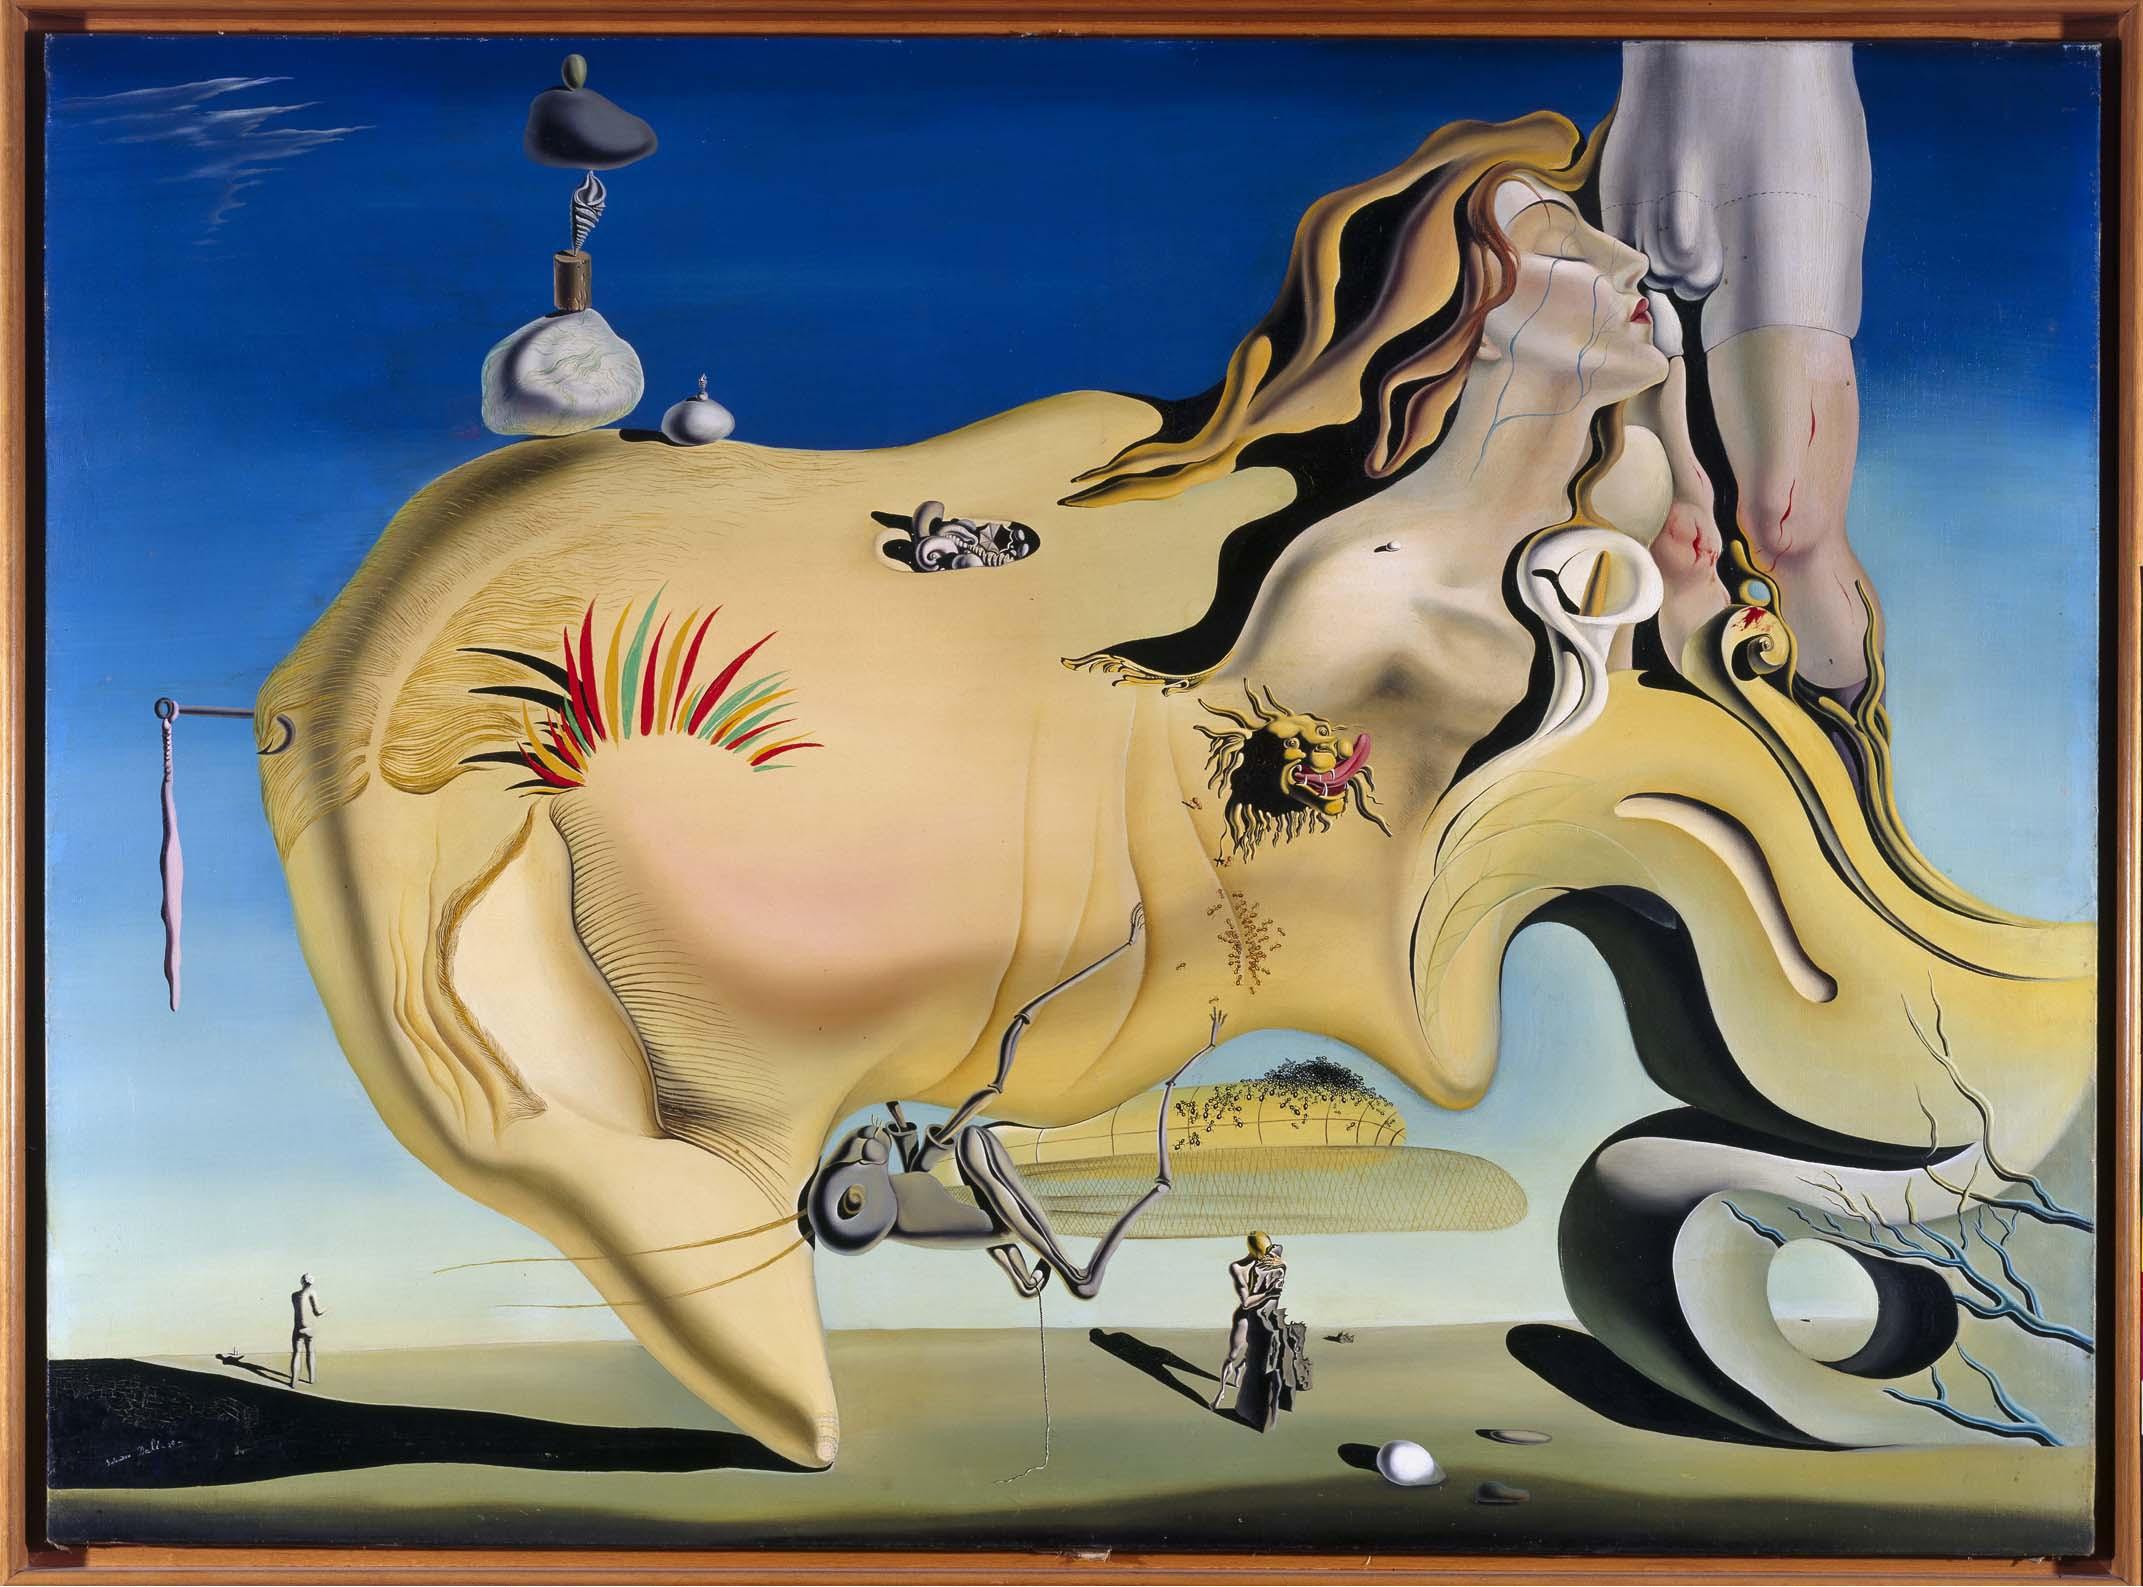 Exposición - Dalí - Dalí, Salvador